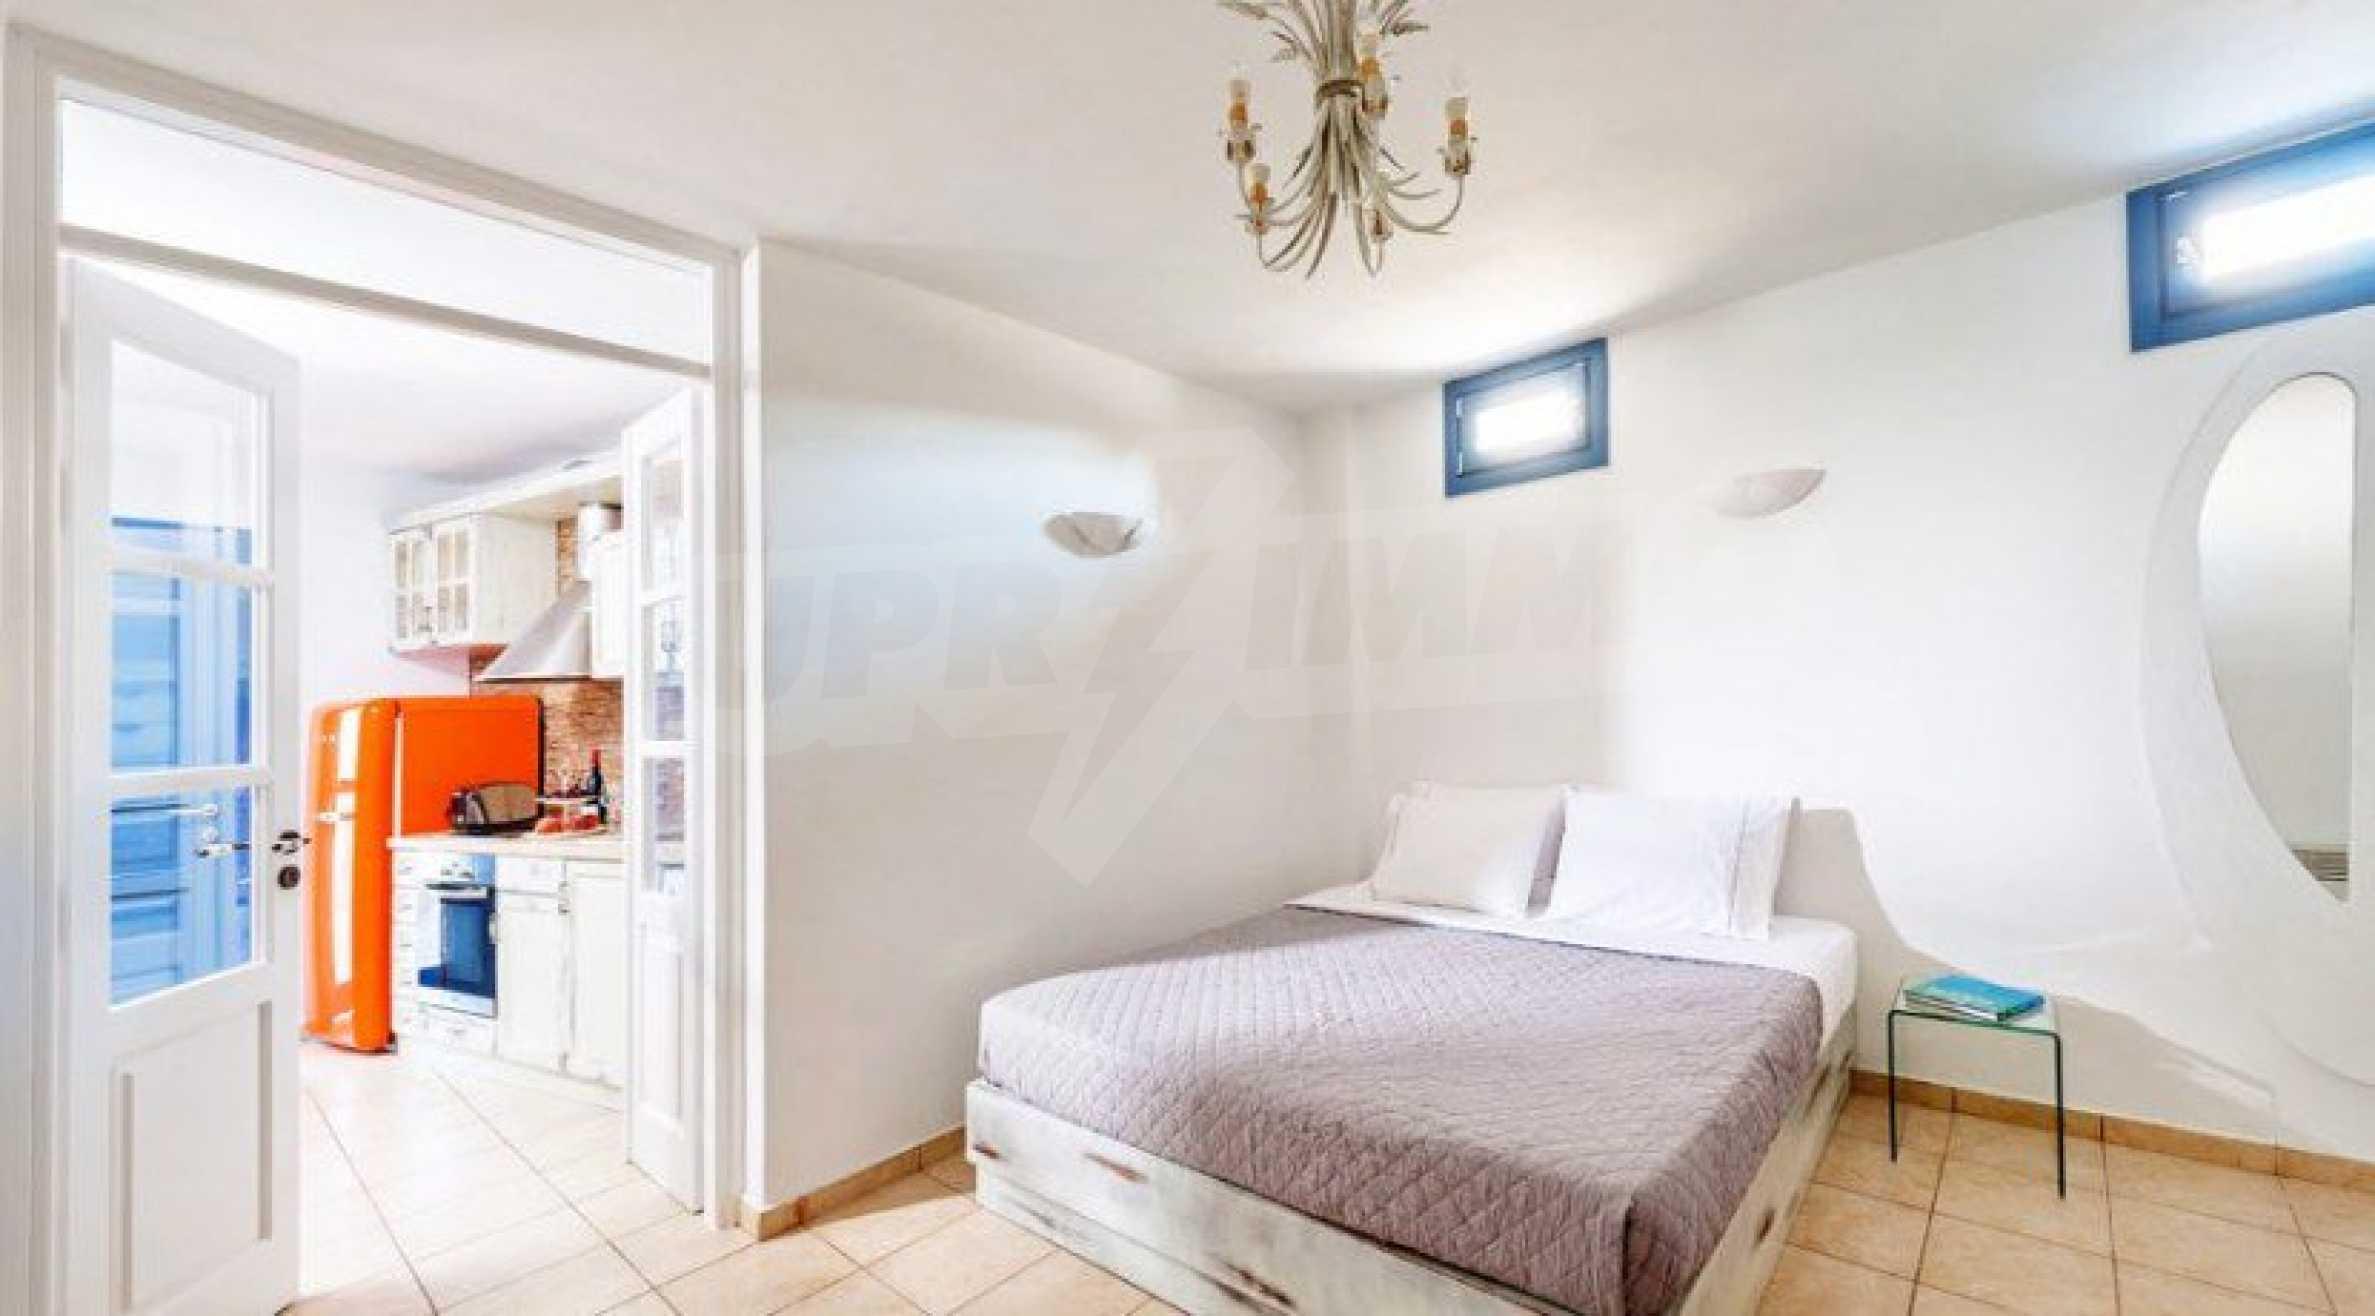 Първокласен имот до Белия плаж на остров Санторини 7